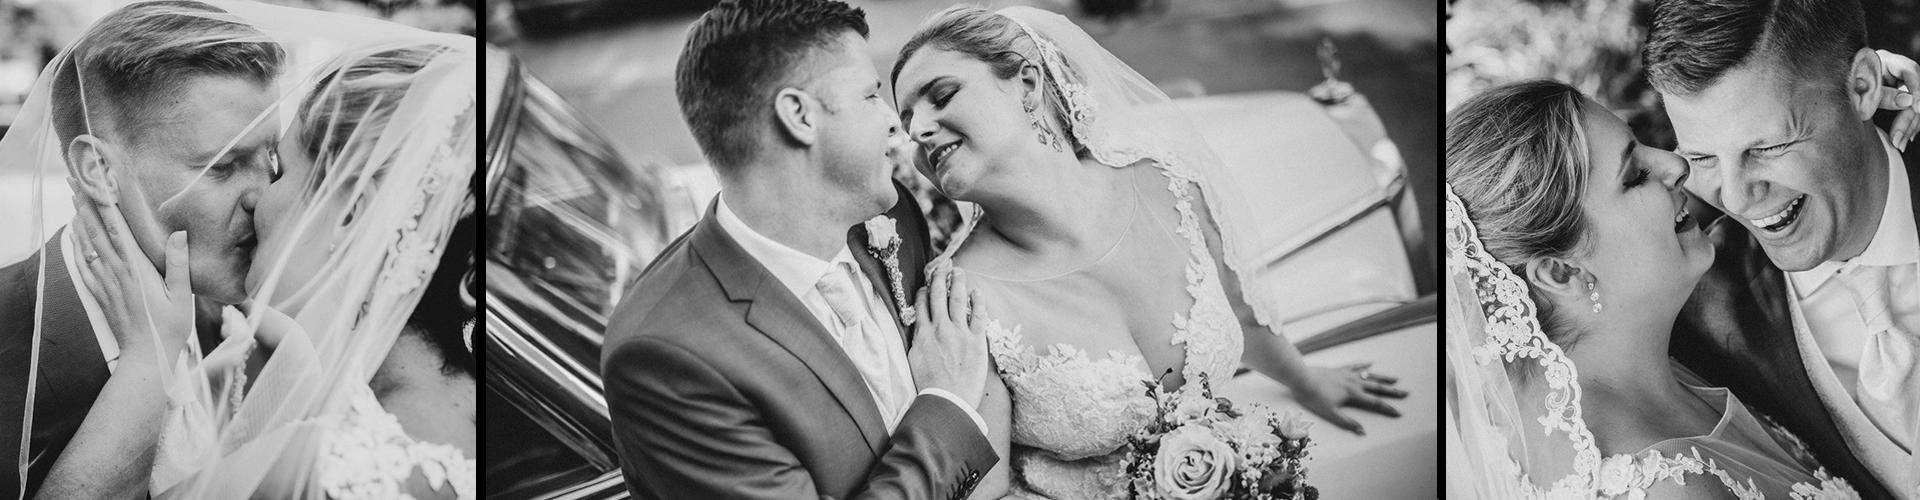 Brautpaar mit Oldtimer Fotograf Hochzeitsfotograf Baden-Baden Achern Buehl Karlsruhe Rastatt